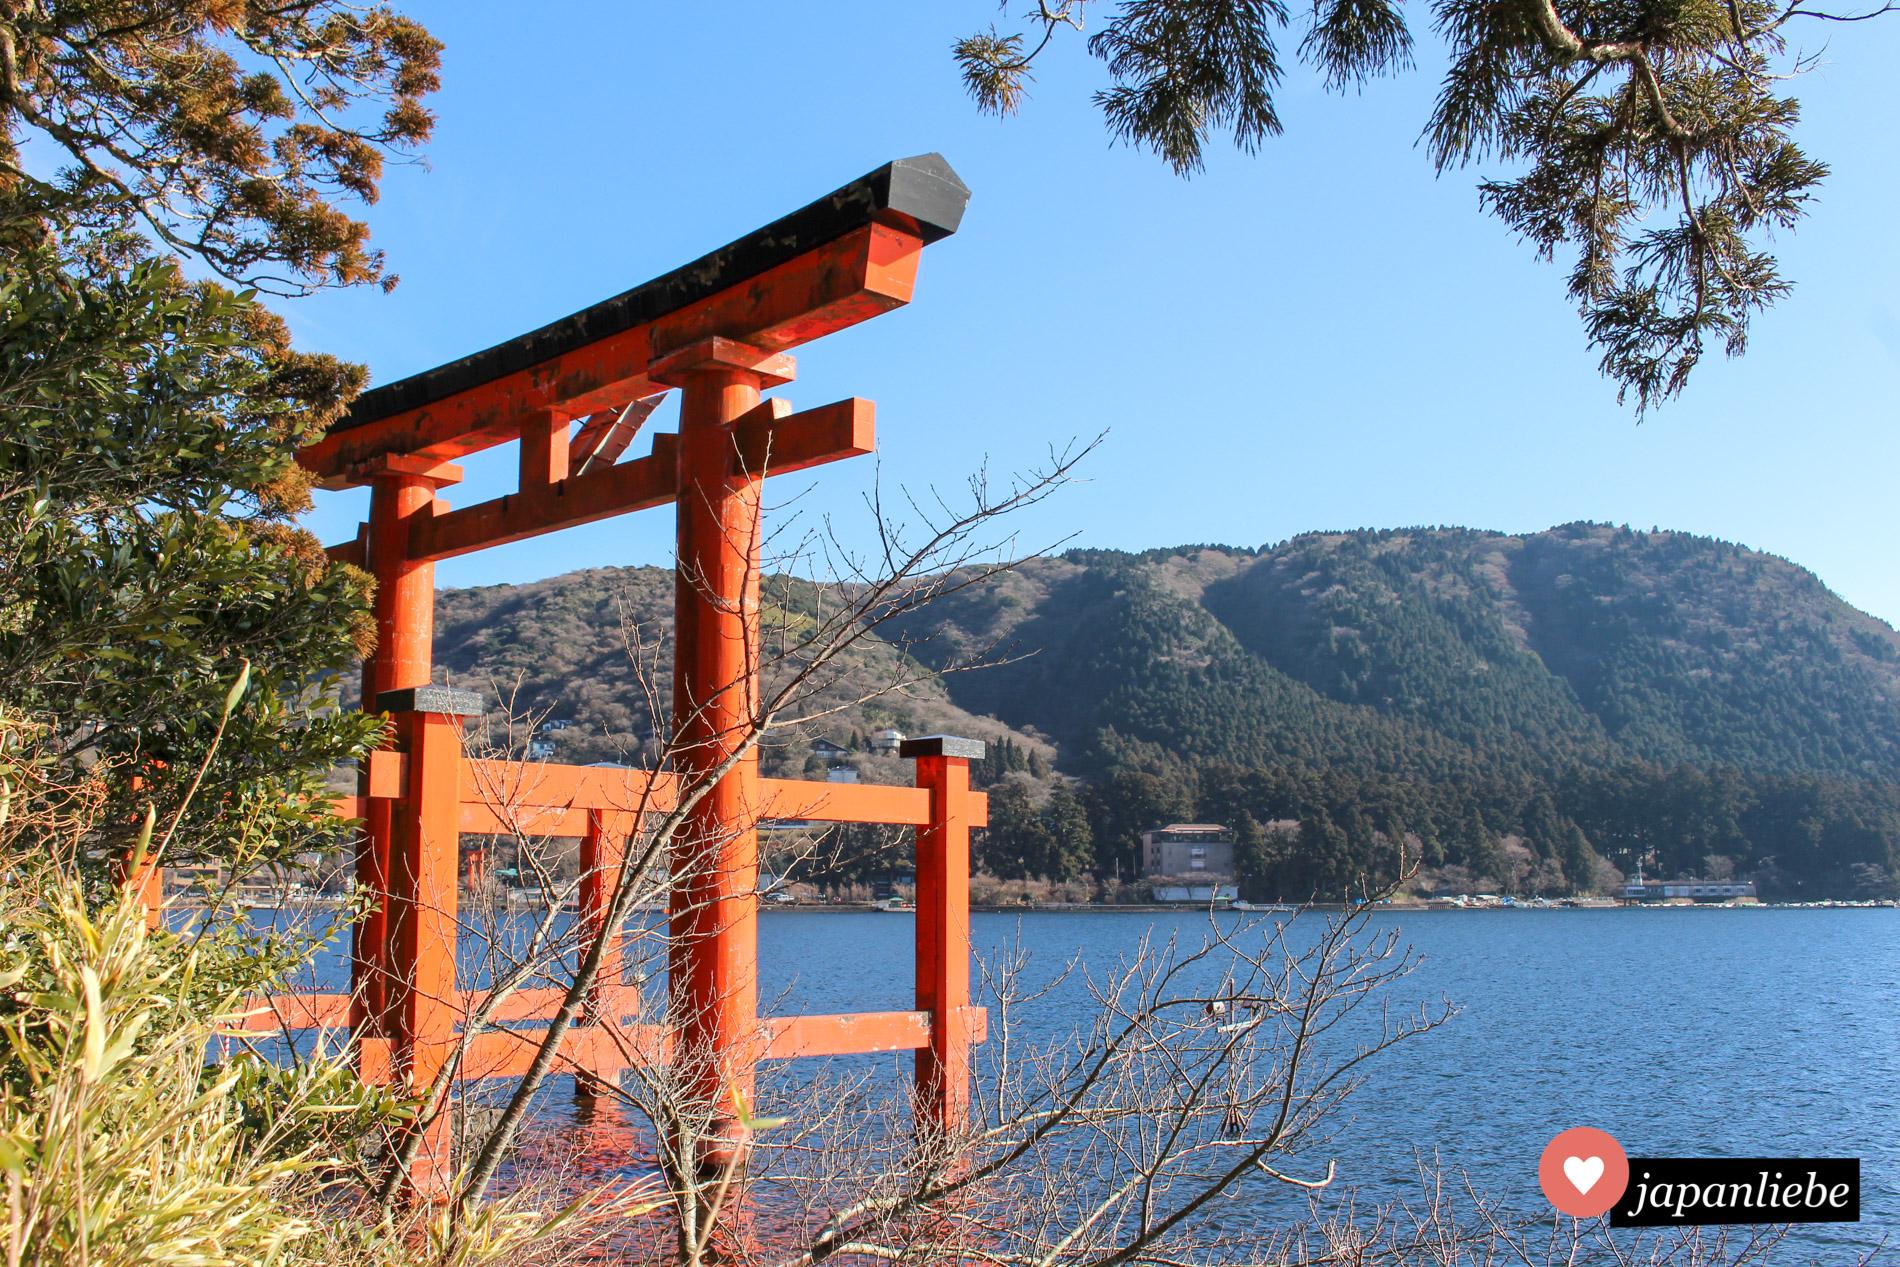 """Ebenfalls ein berühmtes """"Wasser""""-torii ist das rote Tor des Hakone Schreins am Ufer des Ashi-Sees."""